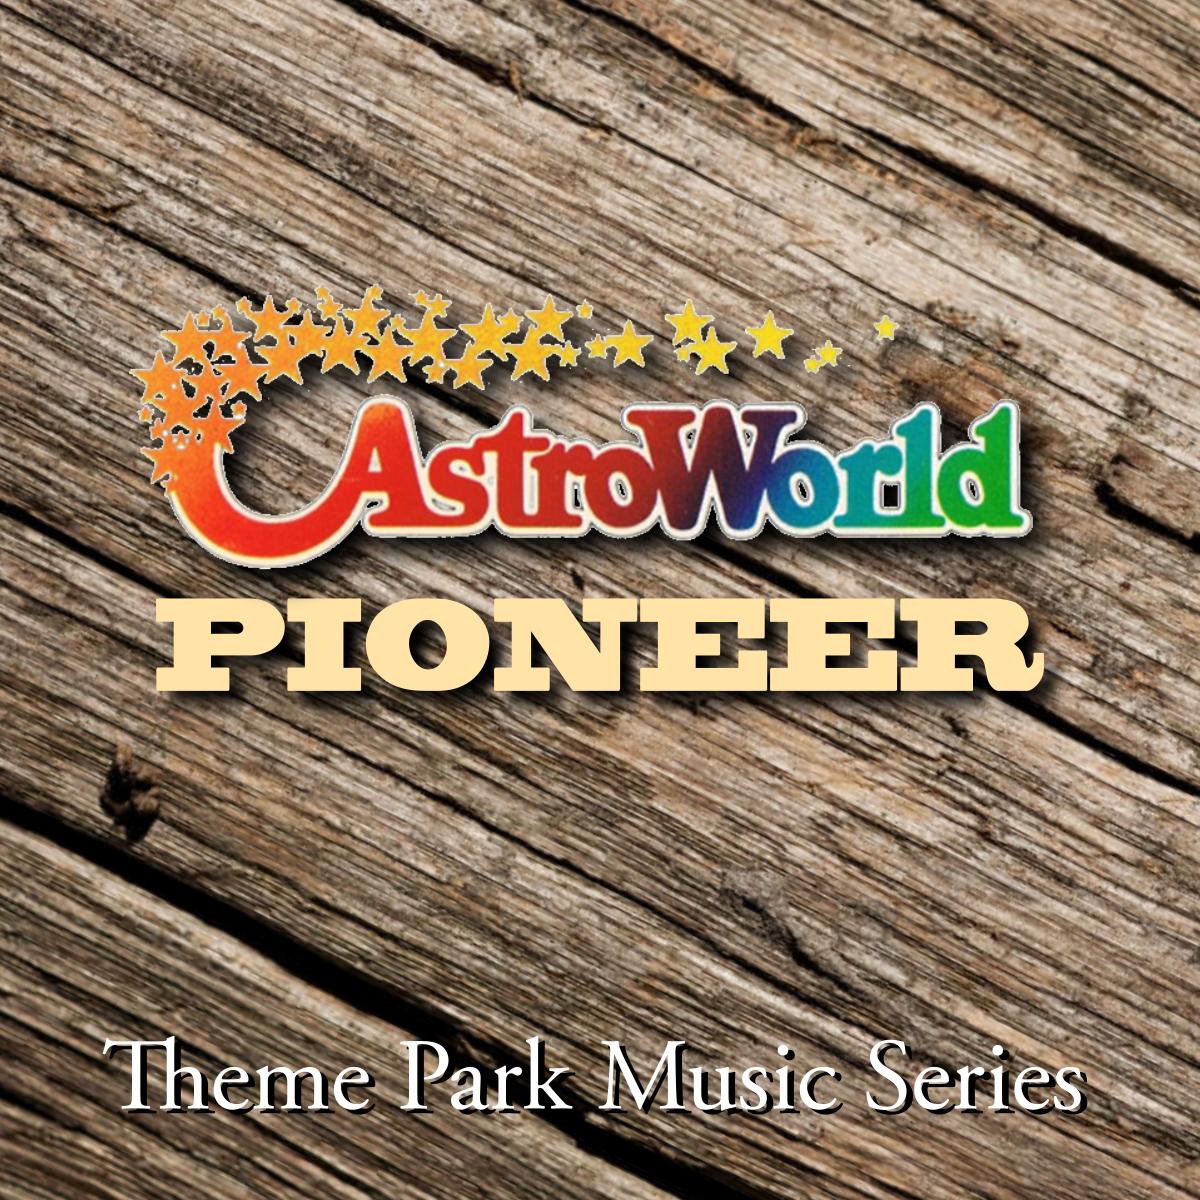 pioneer-1200x1200